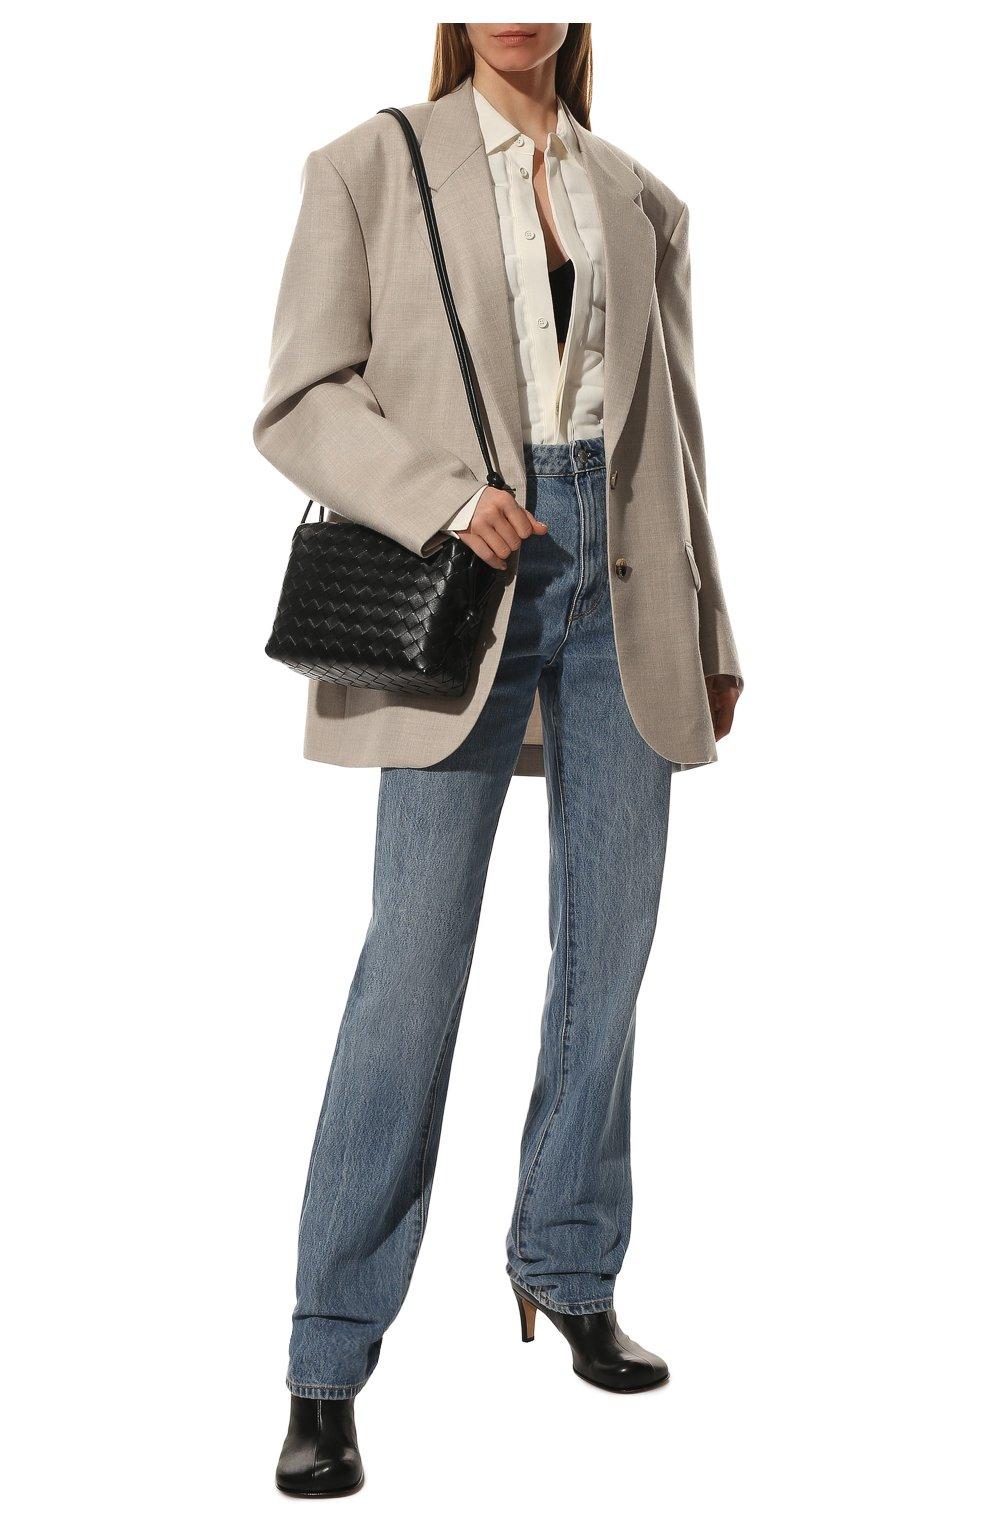 Женские кожаные ботильоны the block BOTTEGA VENETA черного цвета, арт. 667208/VBS00   Фото 2 (Материал внутренний: Натуральная кожа; Каблук высота: Средний; Каблук тип: Устойчивый; Подошва: Плоская)